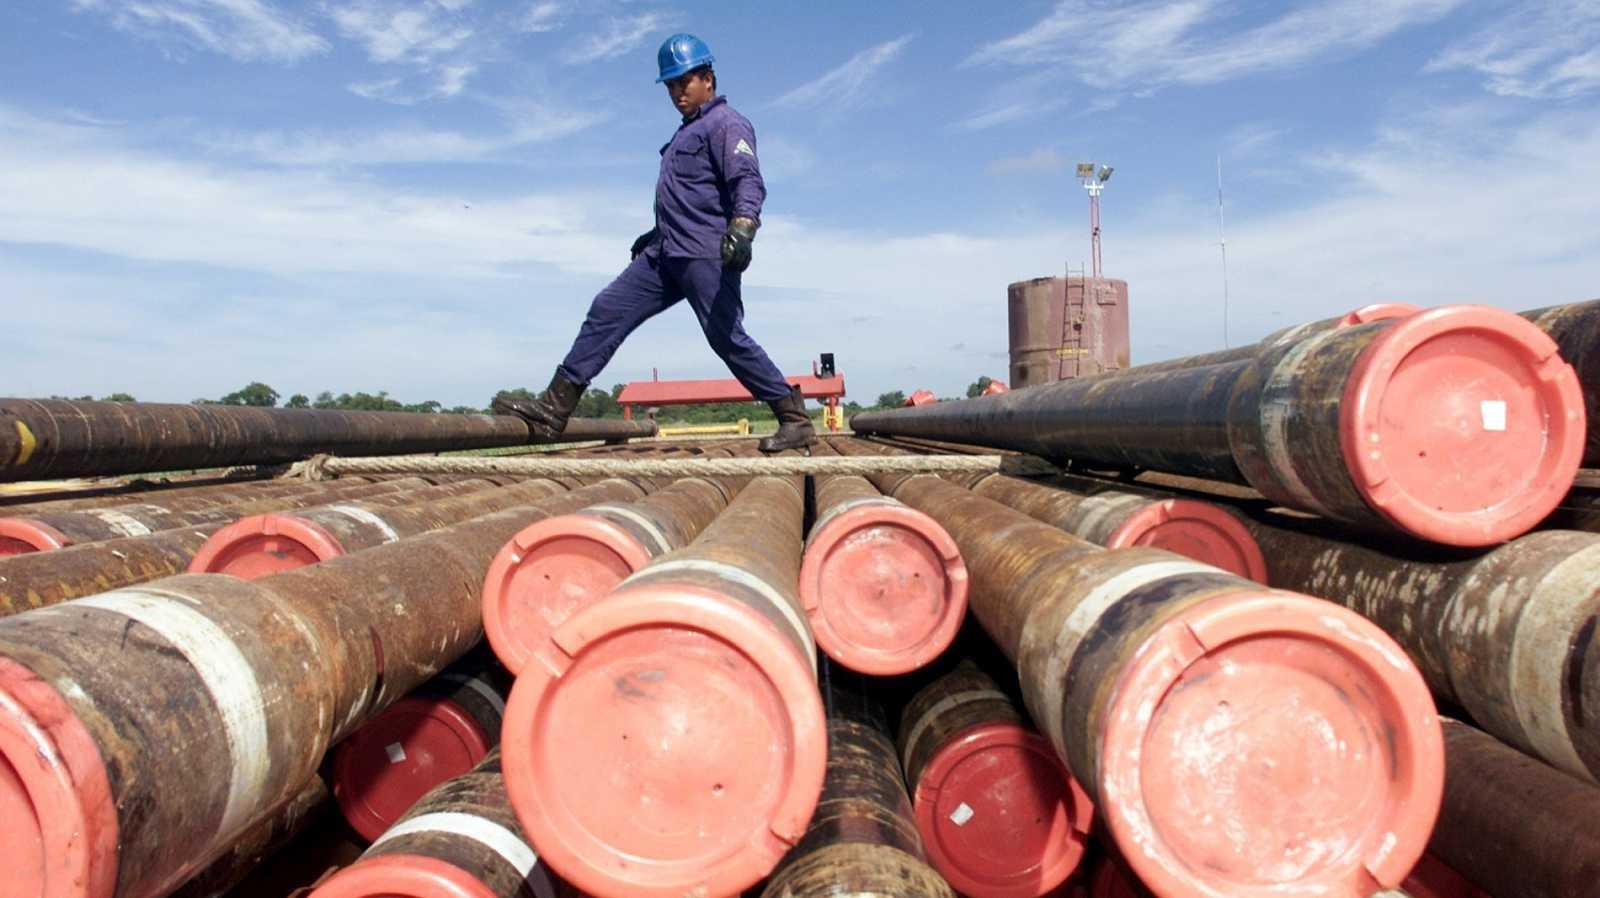 Un trabajador en instalaciones de la empresa de petróleos mexicanos PEMEX, en Tabasco